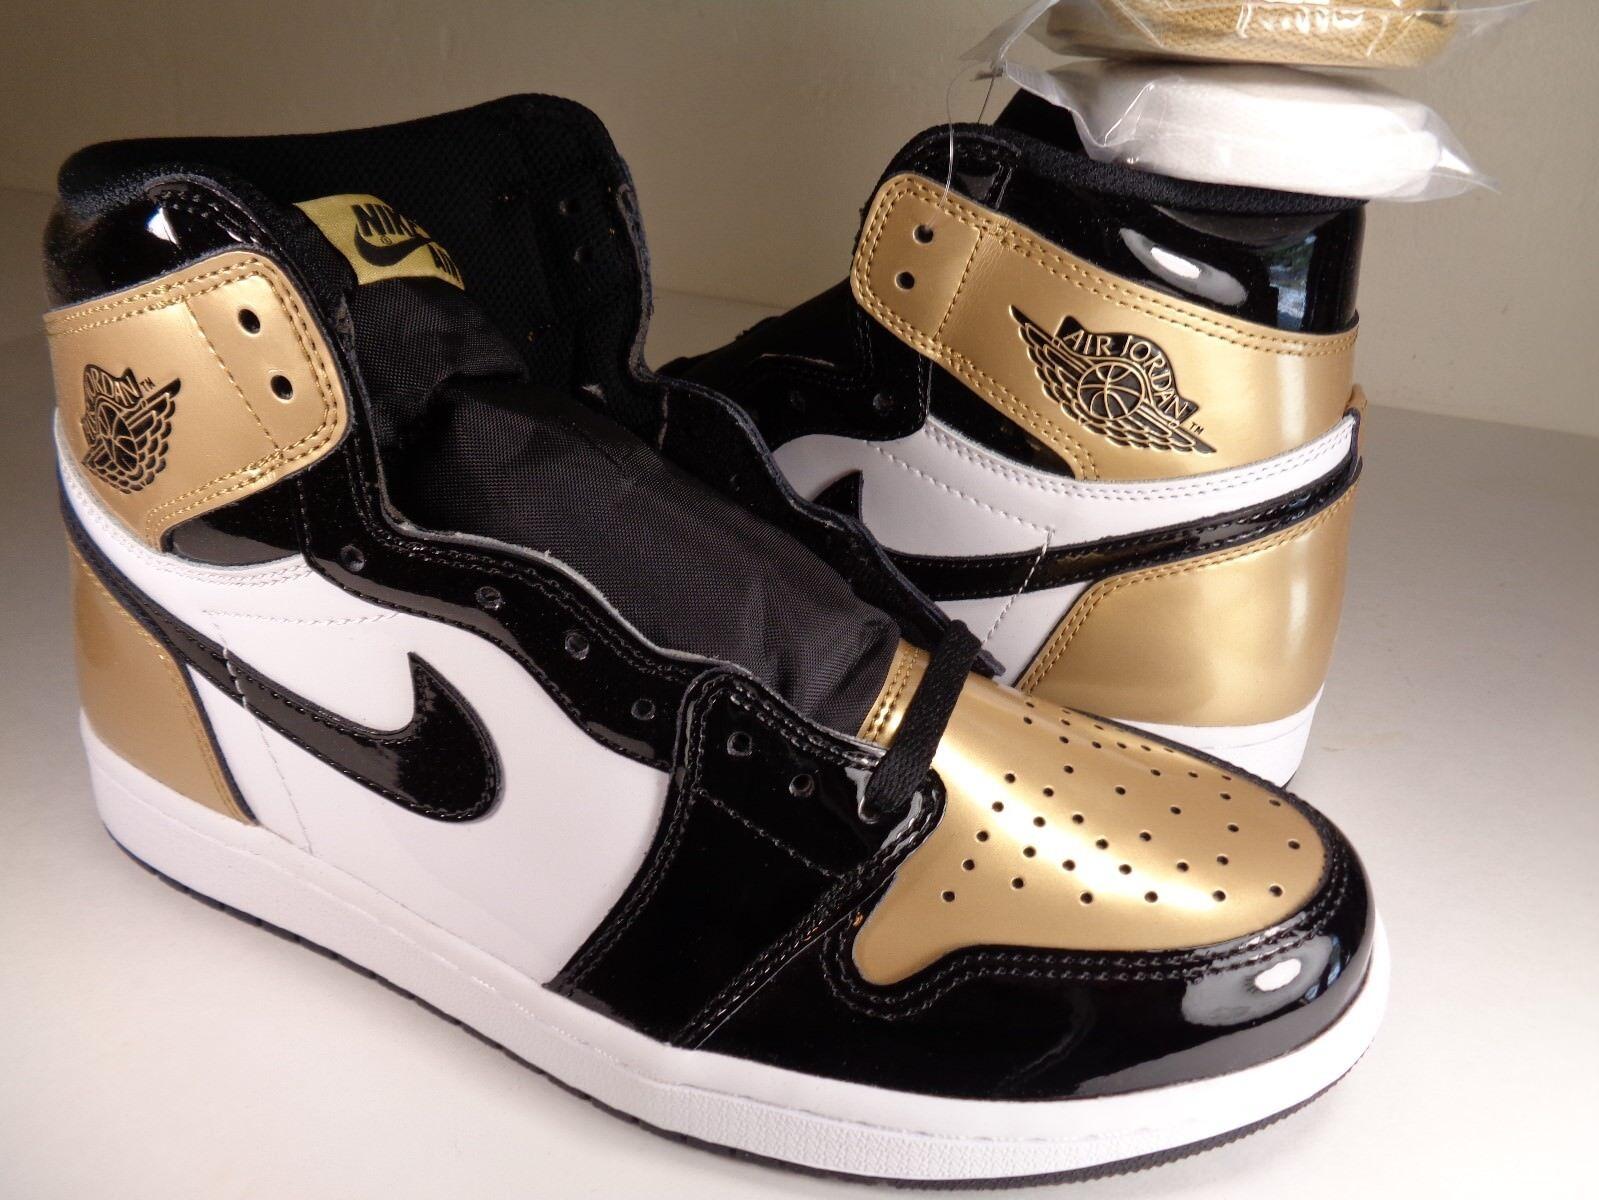 Nike Air Jordan Retro 1 High OG NRG gold Toe Black White SZ 11.5 (861428-007)